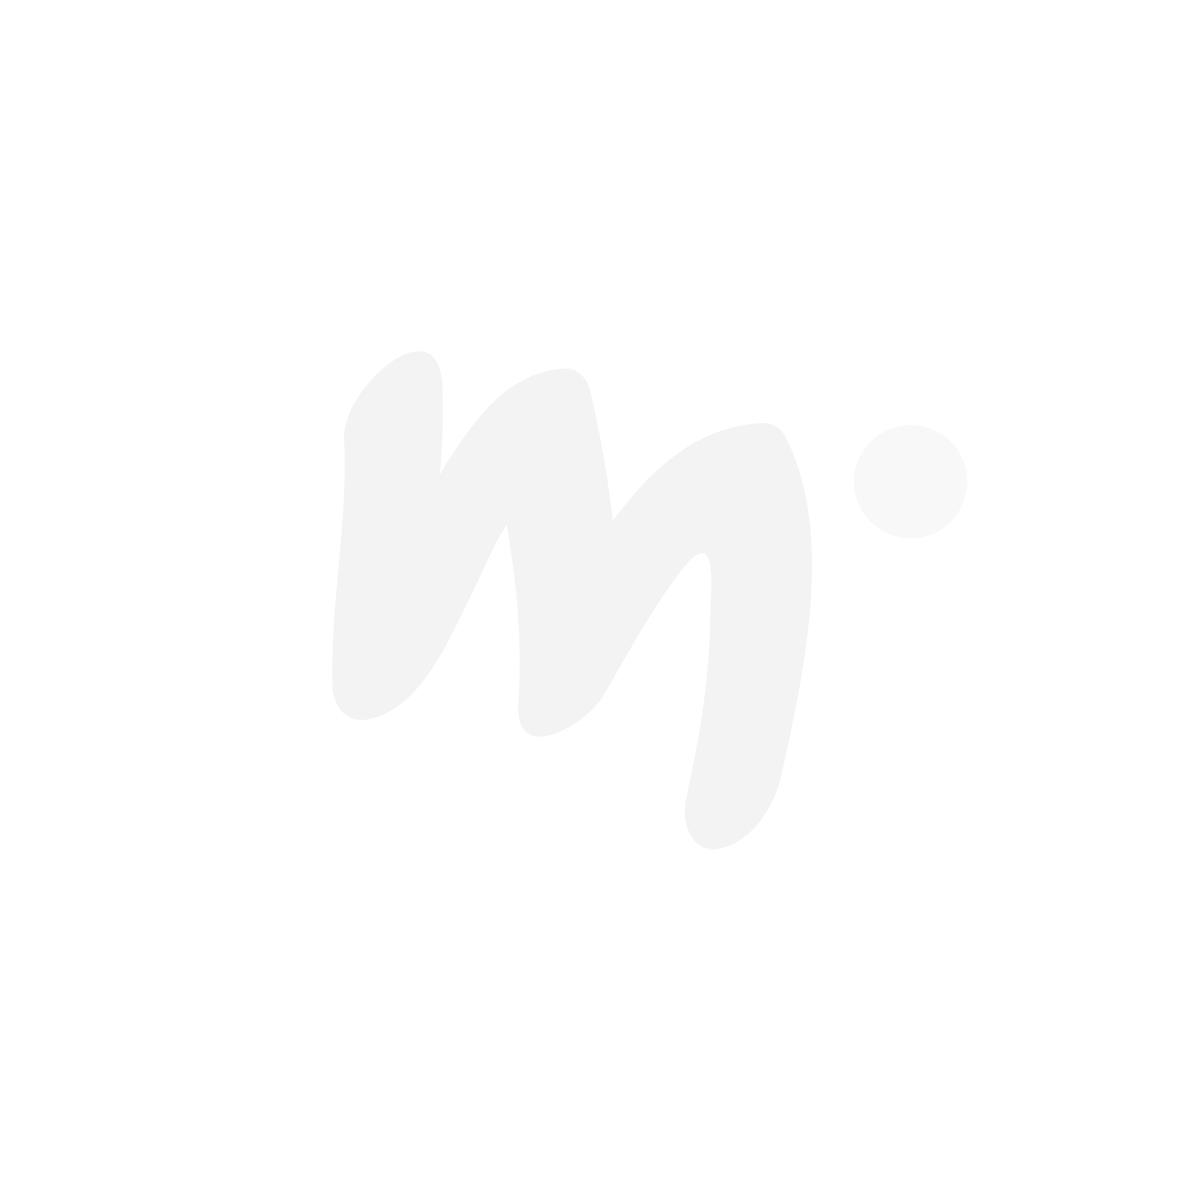 Muumi Moominvalley-astiasto